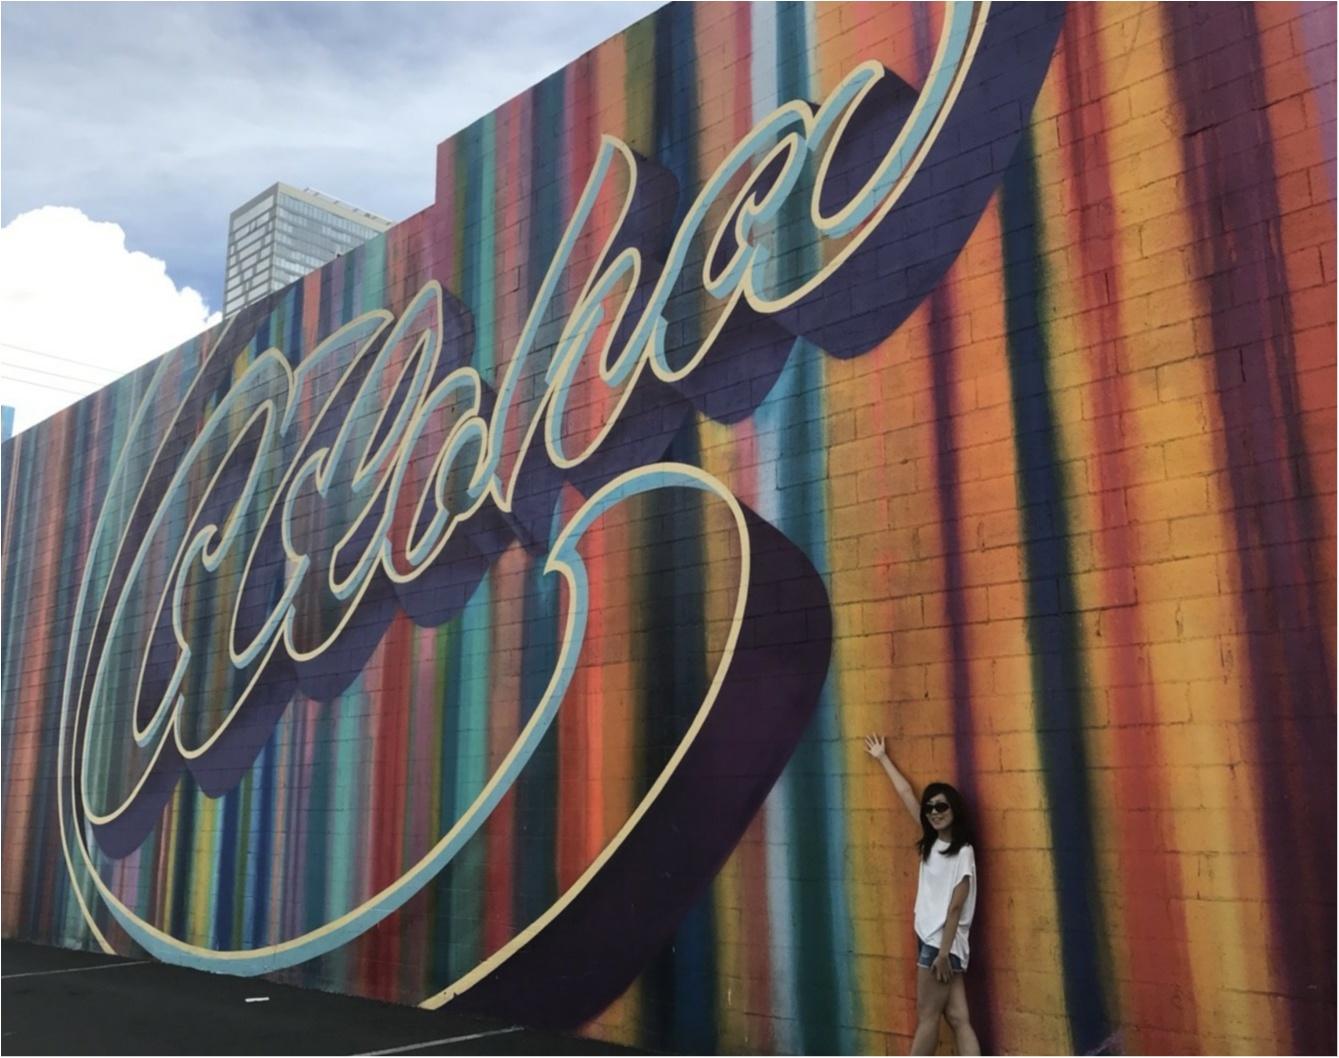 ハワイ女子旅特集 - 人気のカフェやグルメ、インスタ映えスポット、ディズニーなど旅する女子のおすすめまとめ_118